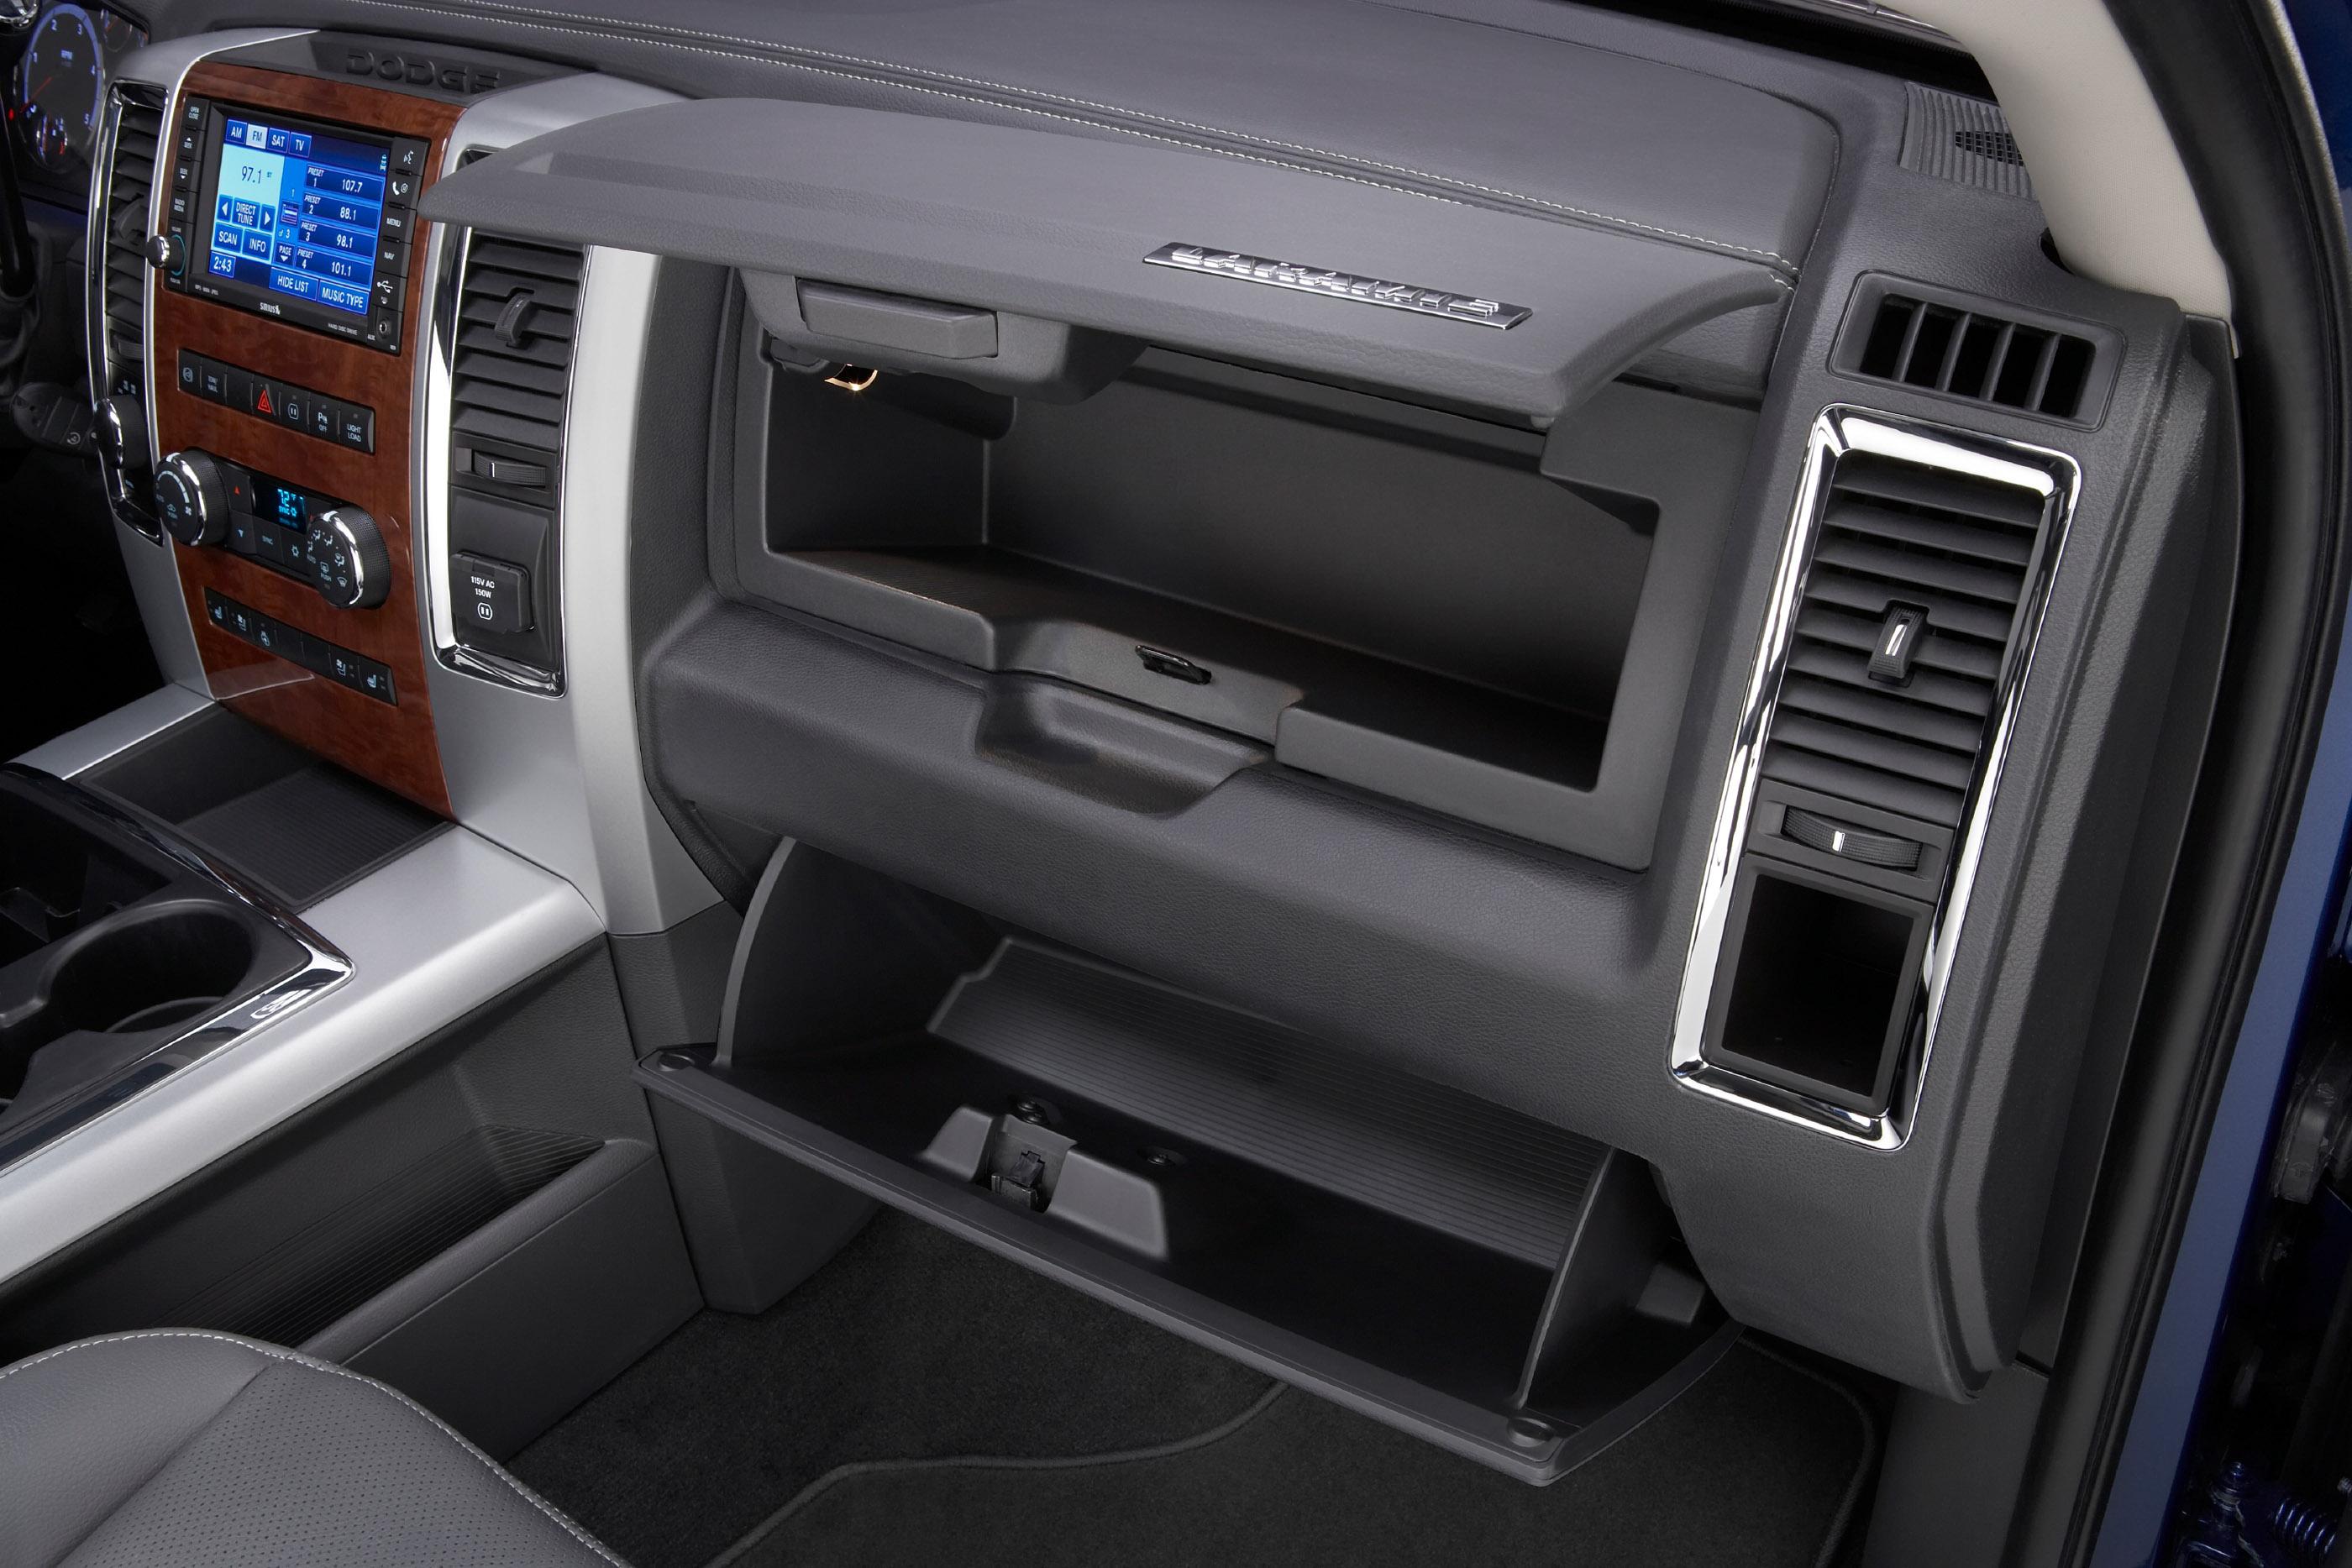 2010 dodge ram 2500 laramie crew cab - 2012 Dodge Ram 2500 Cummins Interior